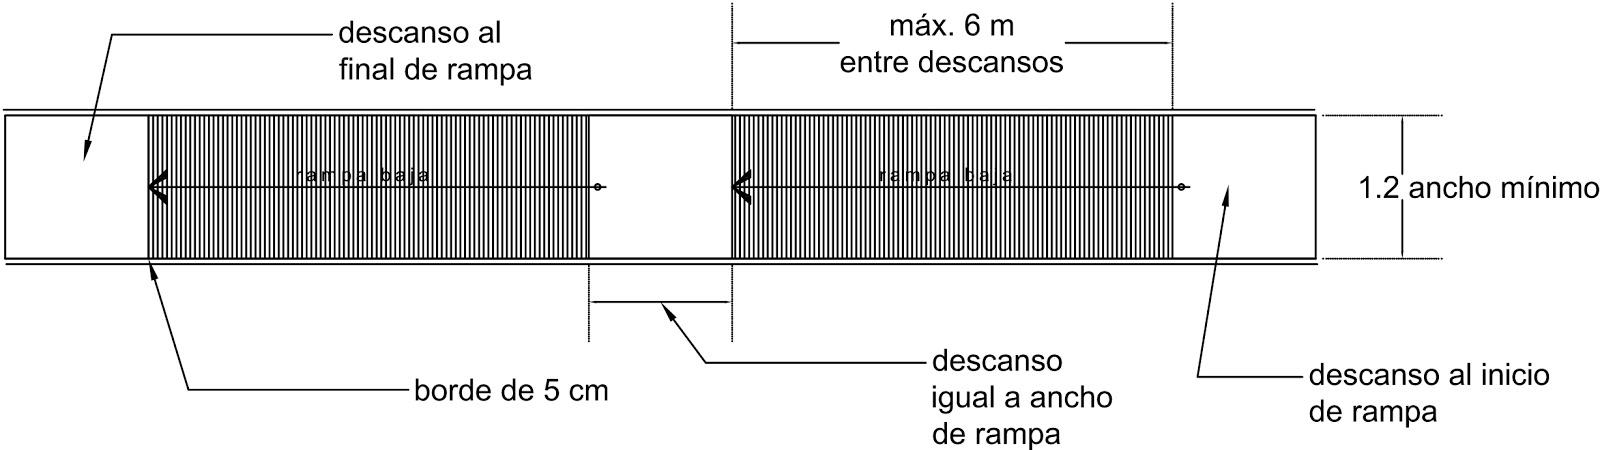 Arquitectura eduaci n circulaciones horizontales y for Espacios minimos arquitectura